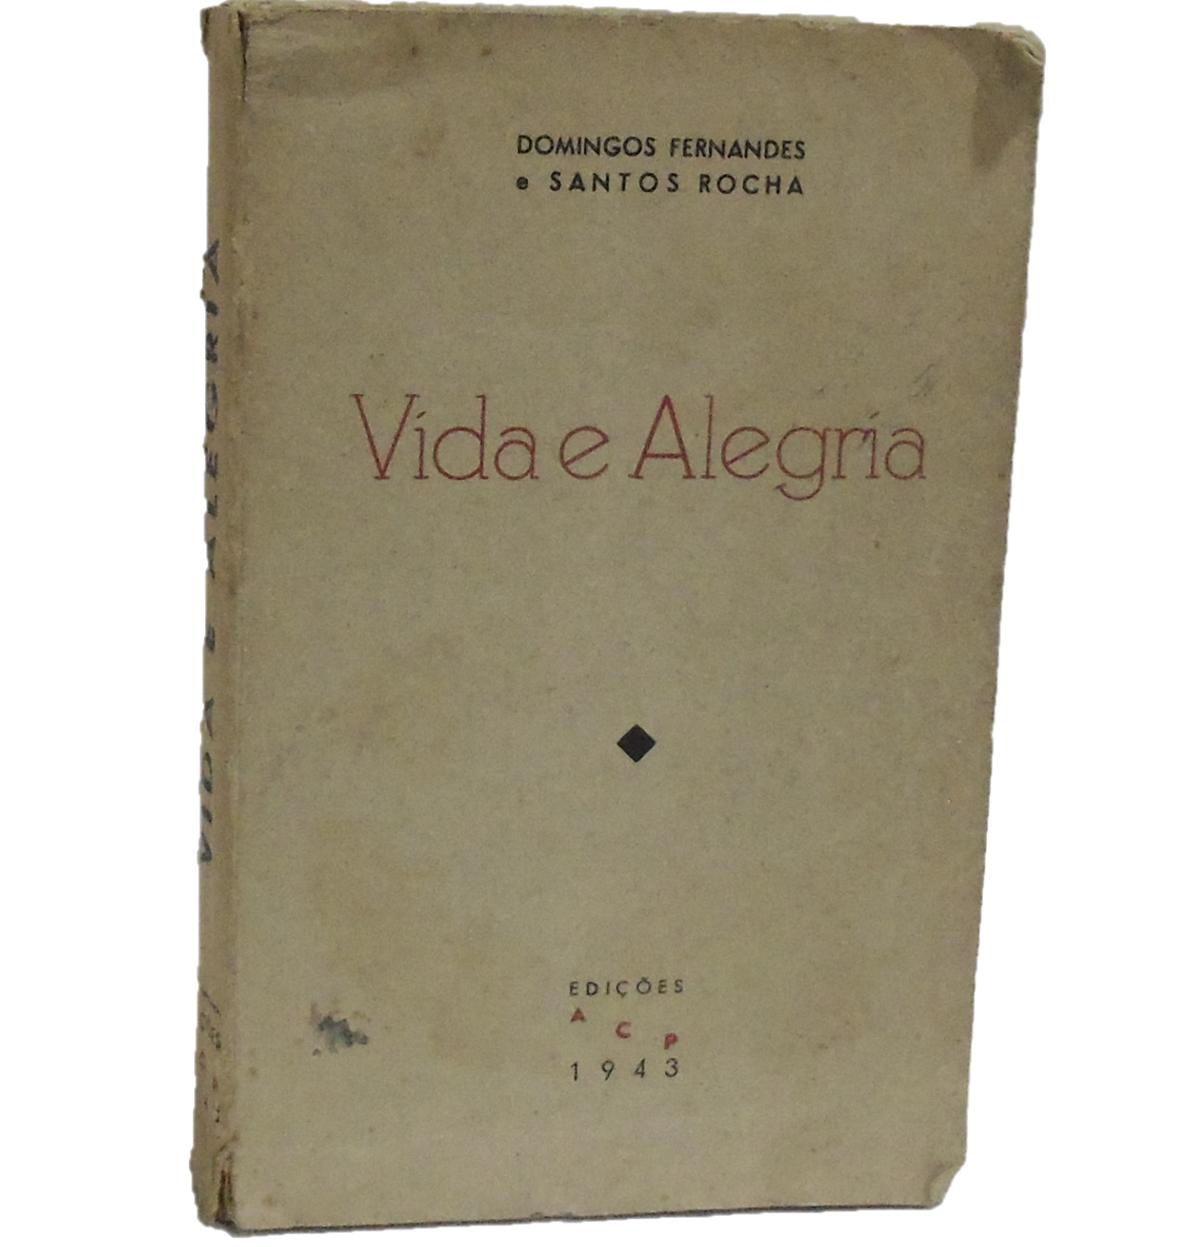 VIDA E ALEGRIA